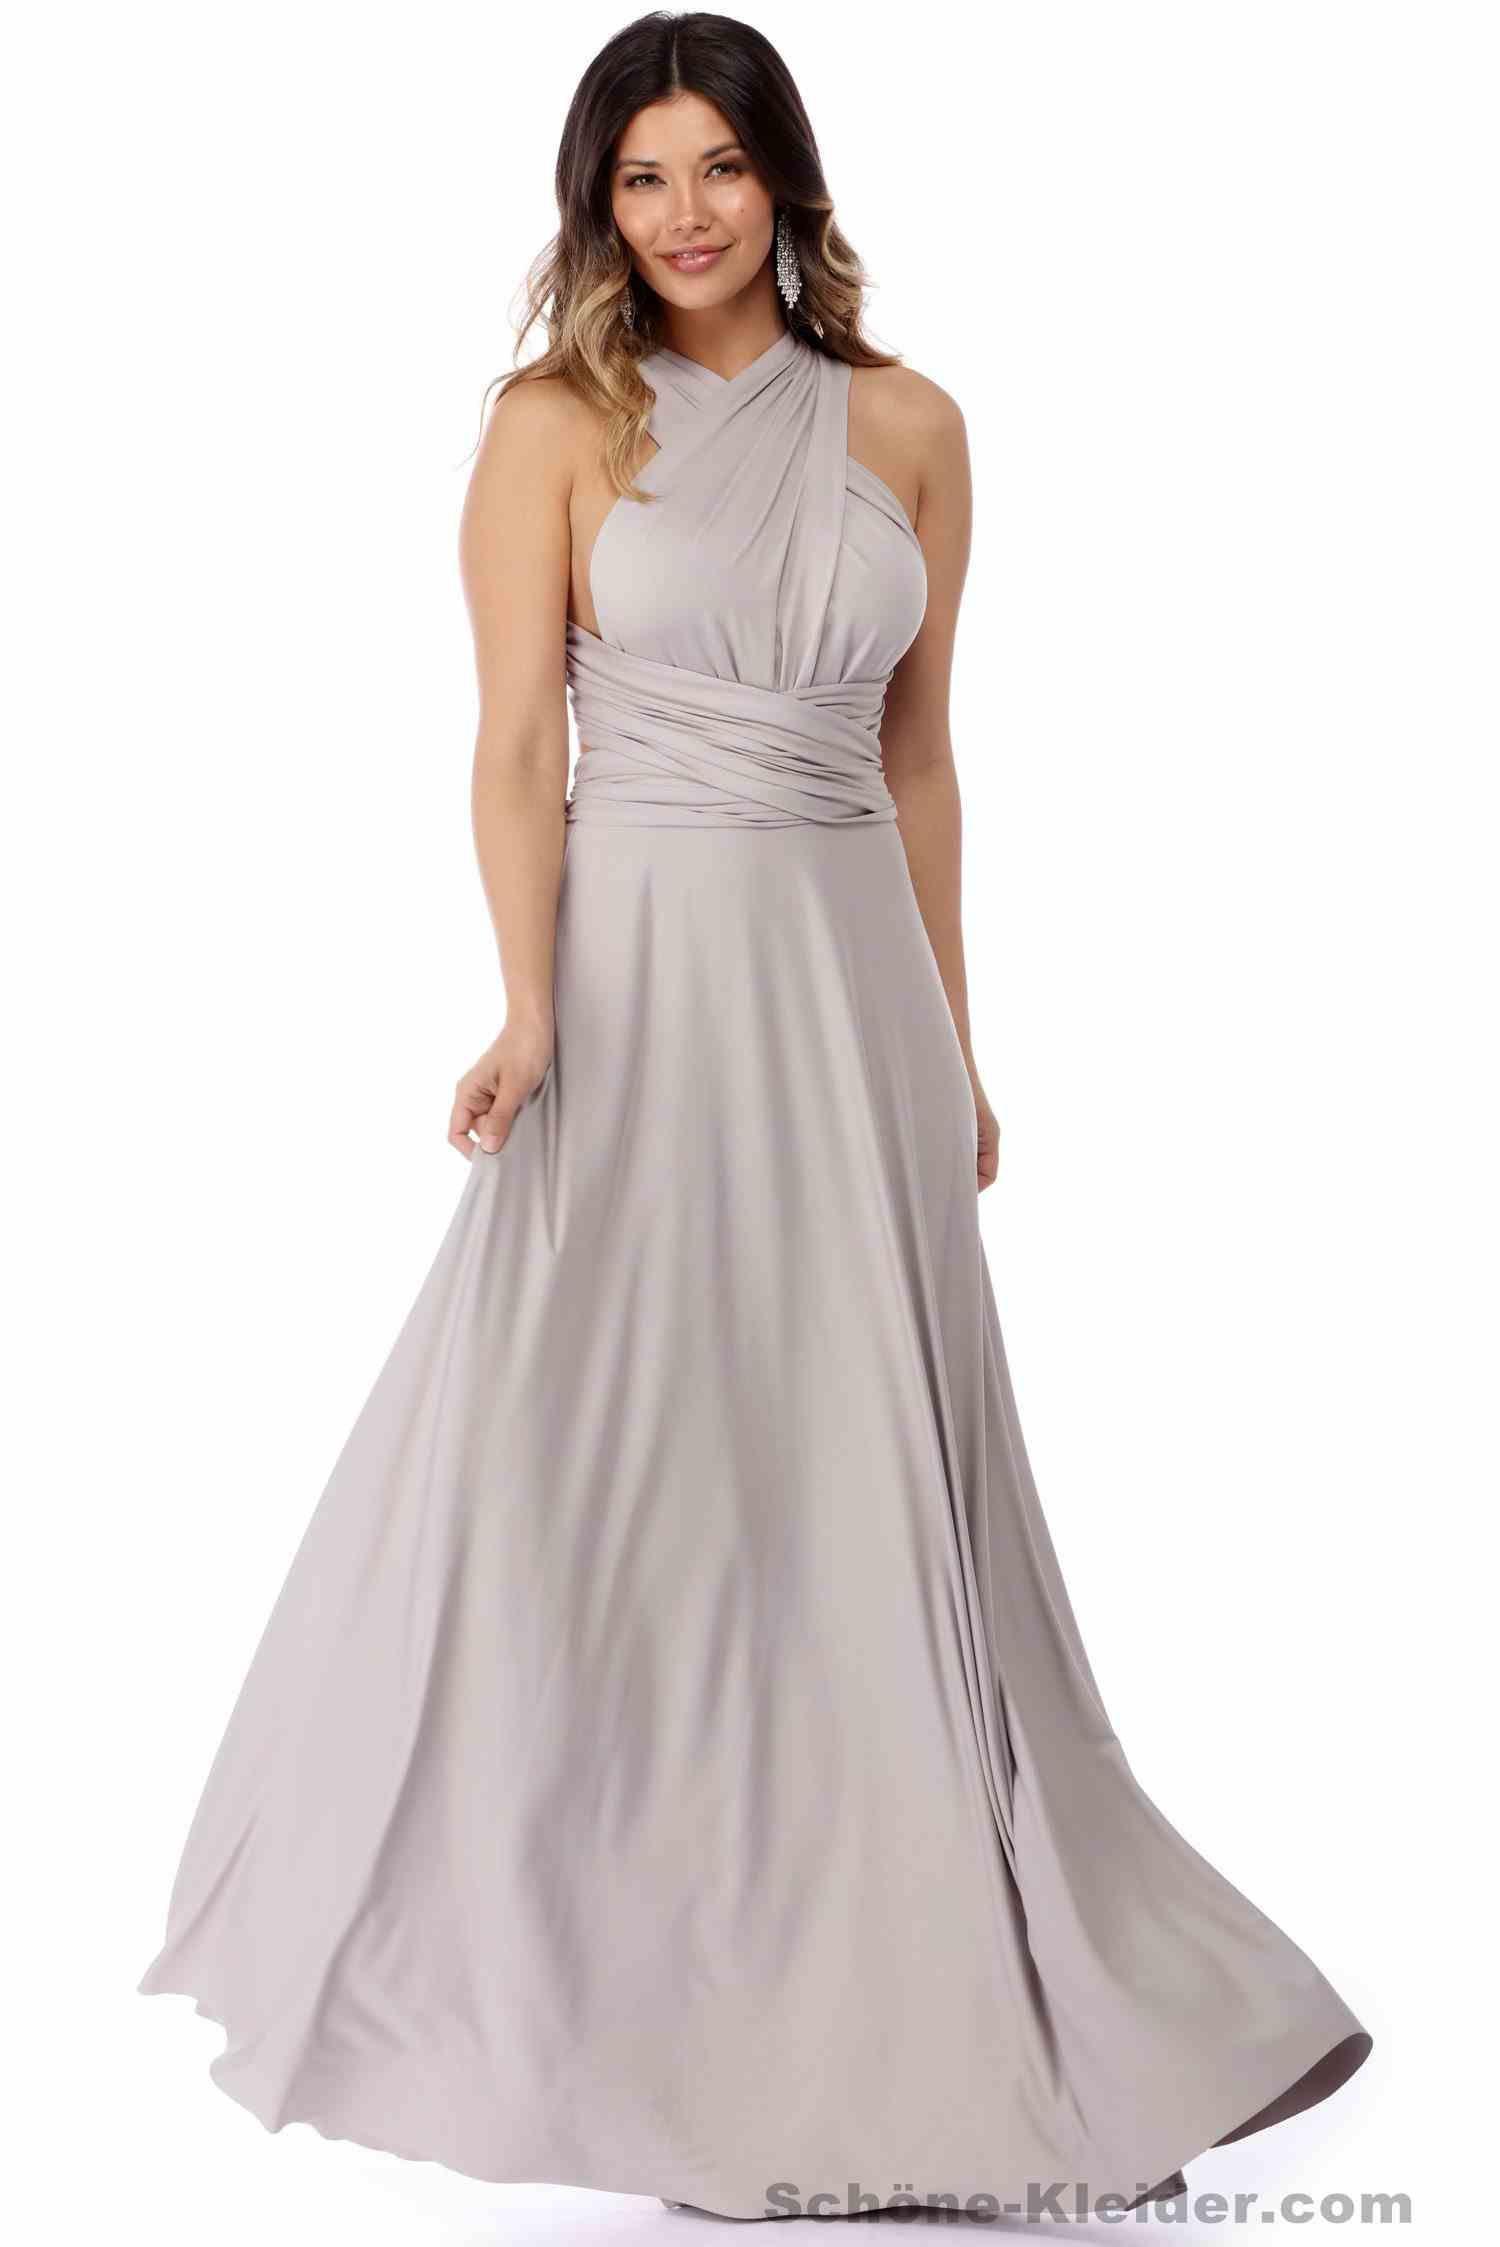 20 Elegant A&C Abendkleider Boutique15 Einfach A&C Abendkleider Ärmel